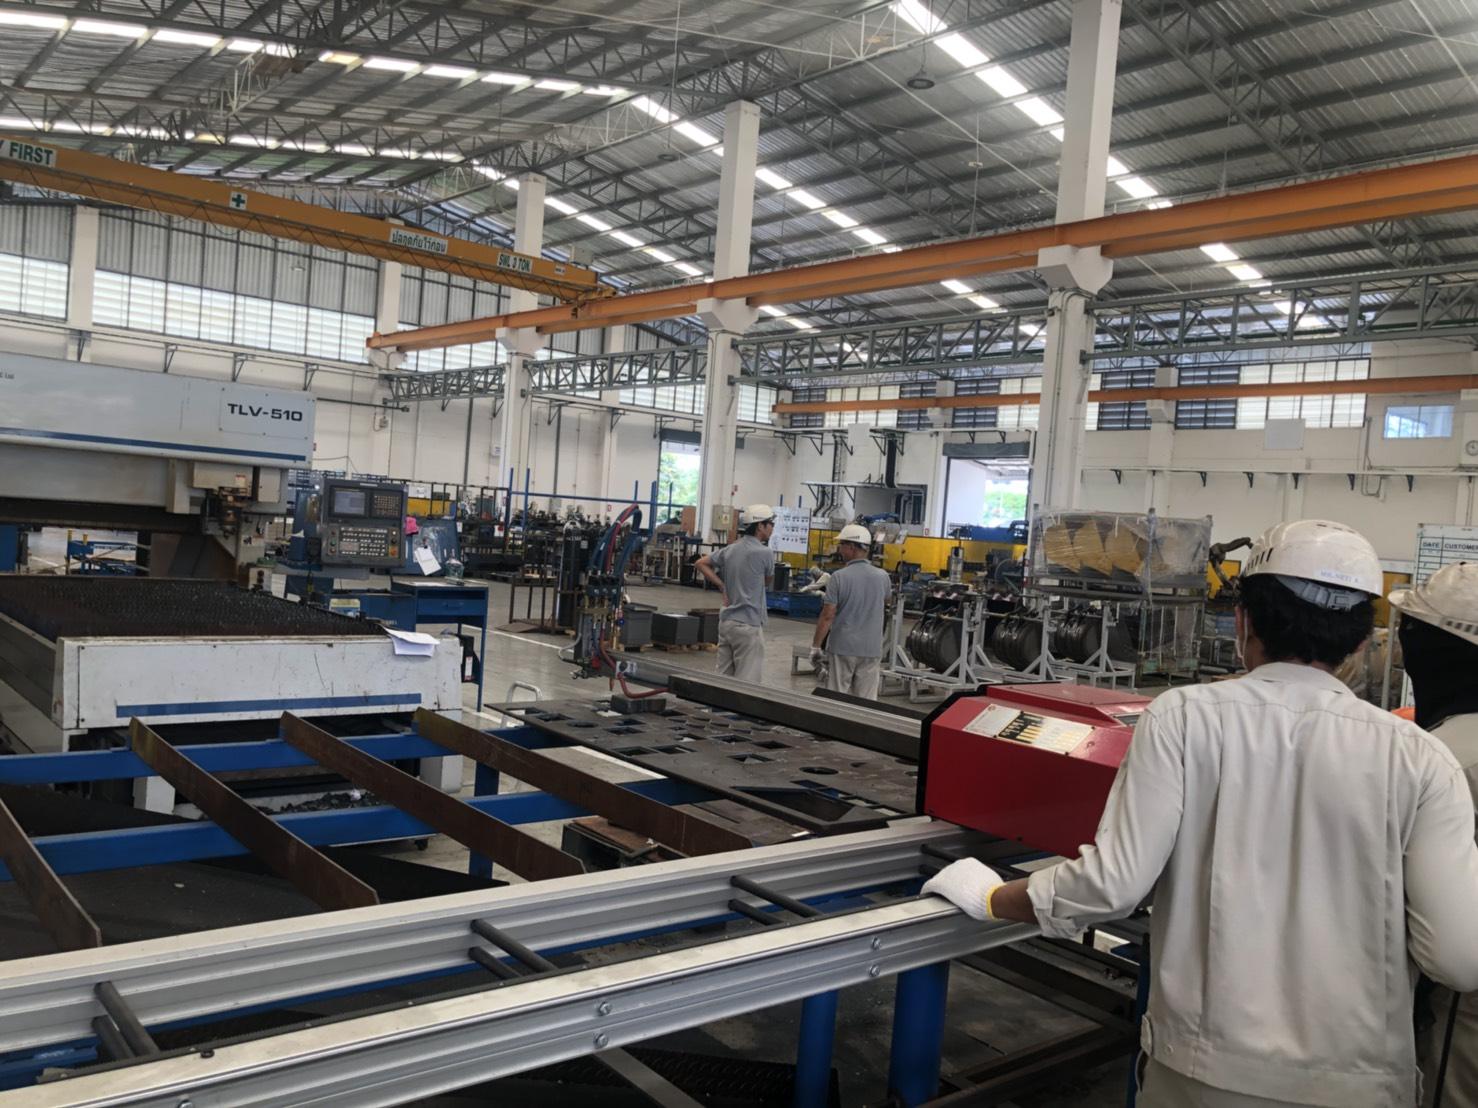 CNC Cutting งานตัดซีเอ็นซี ตัดตามแบบ